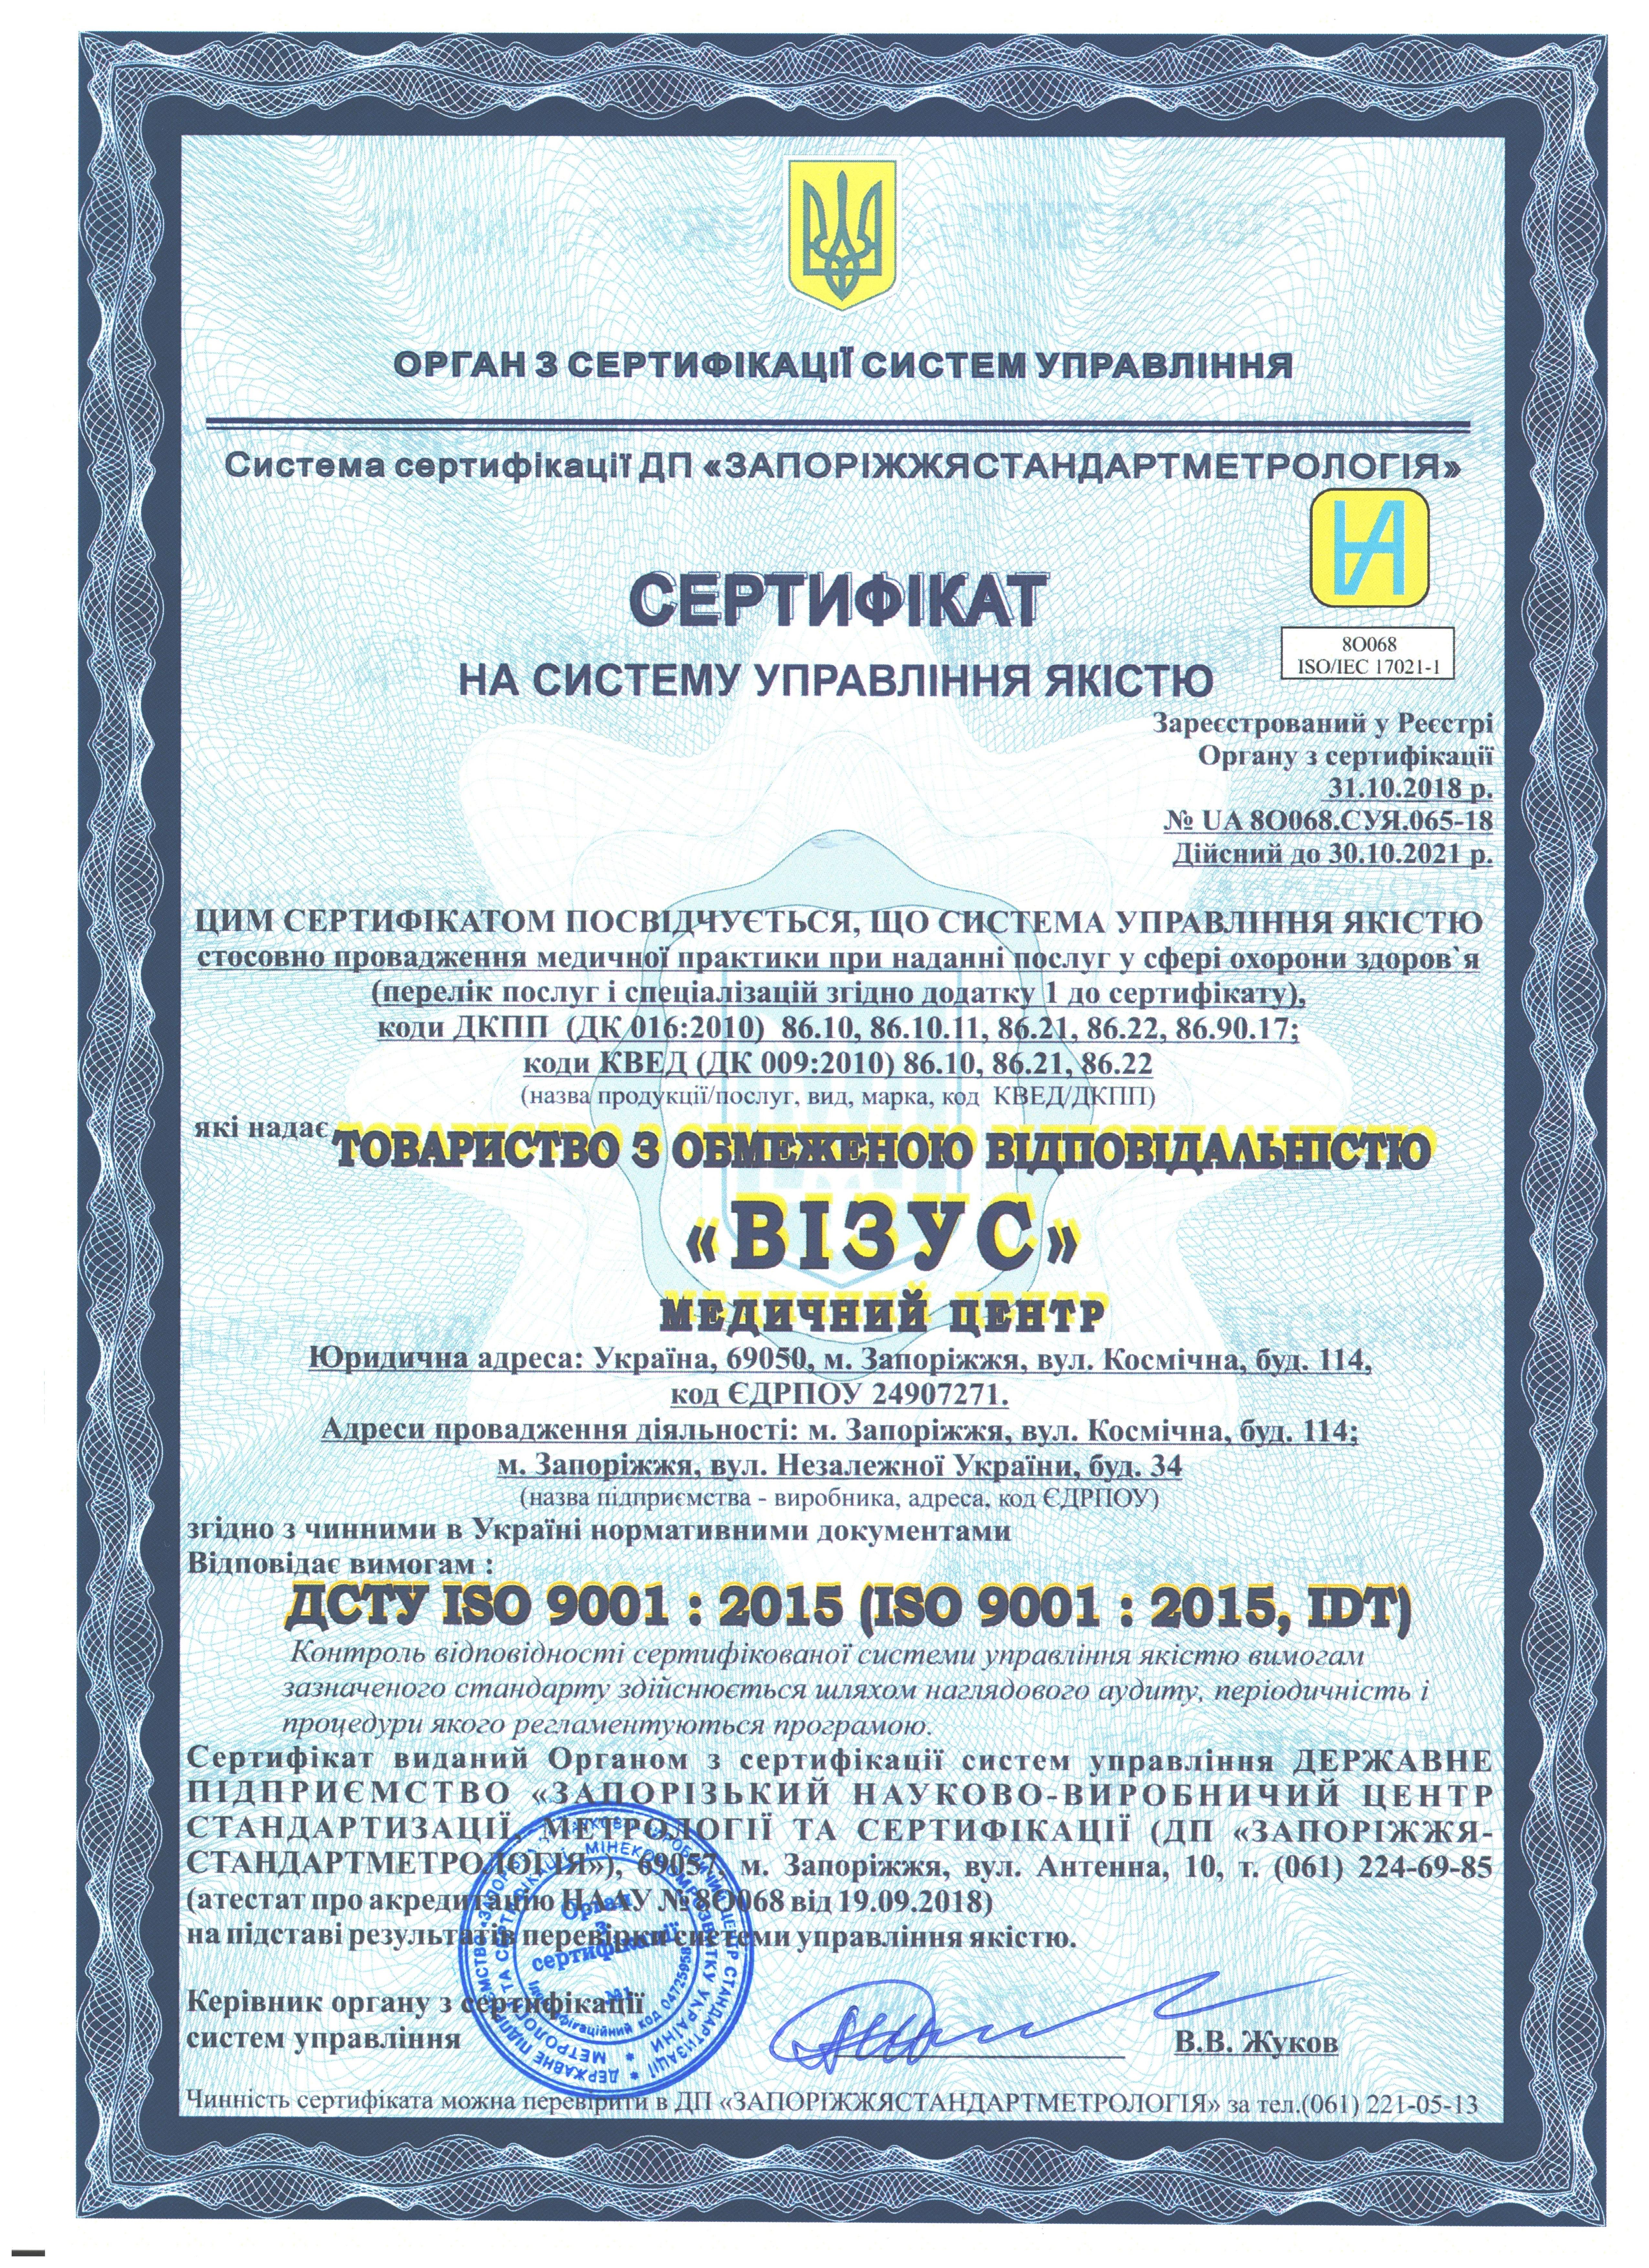 Сертификат ВИЗУС